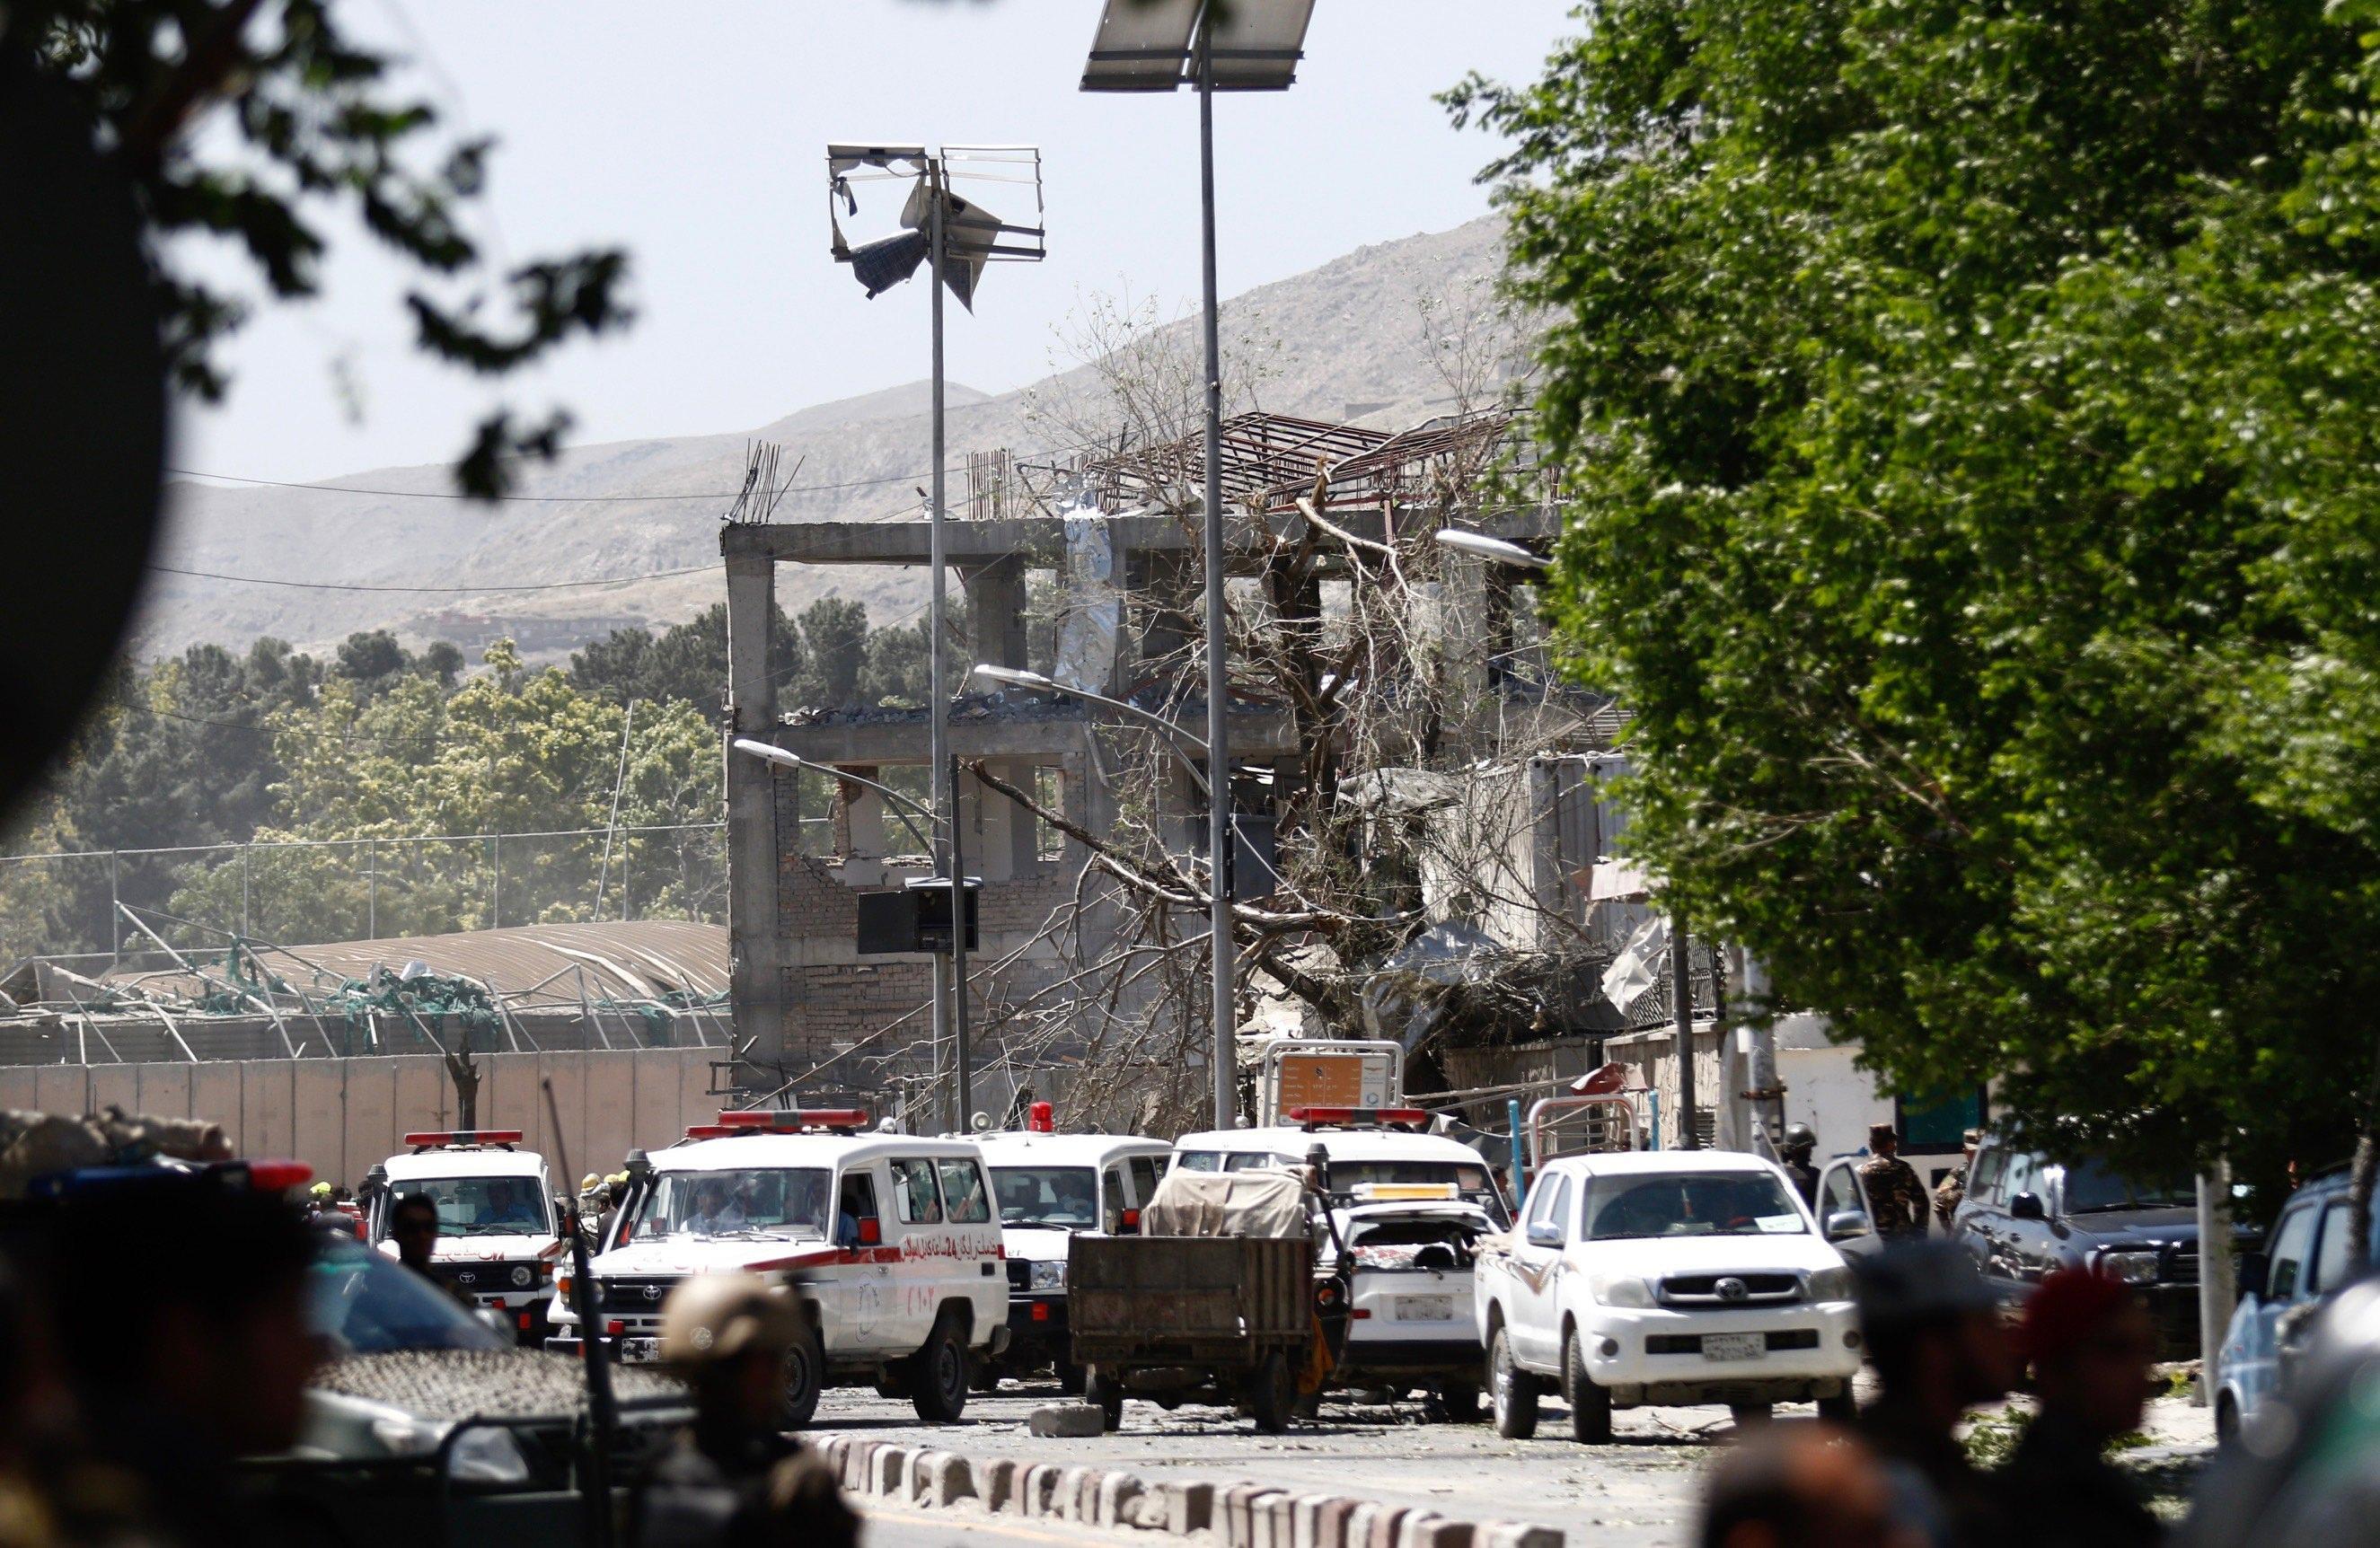 Attentato a Kabul, autobomba nel quartiere delle ambasciate: 80 morti e 350 feriti